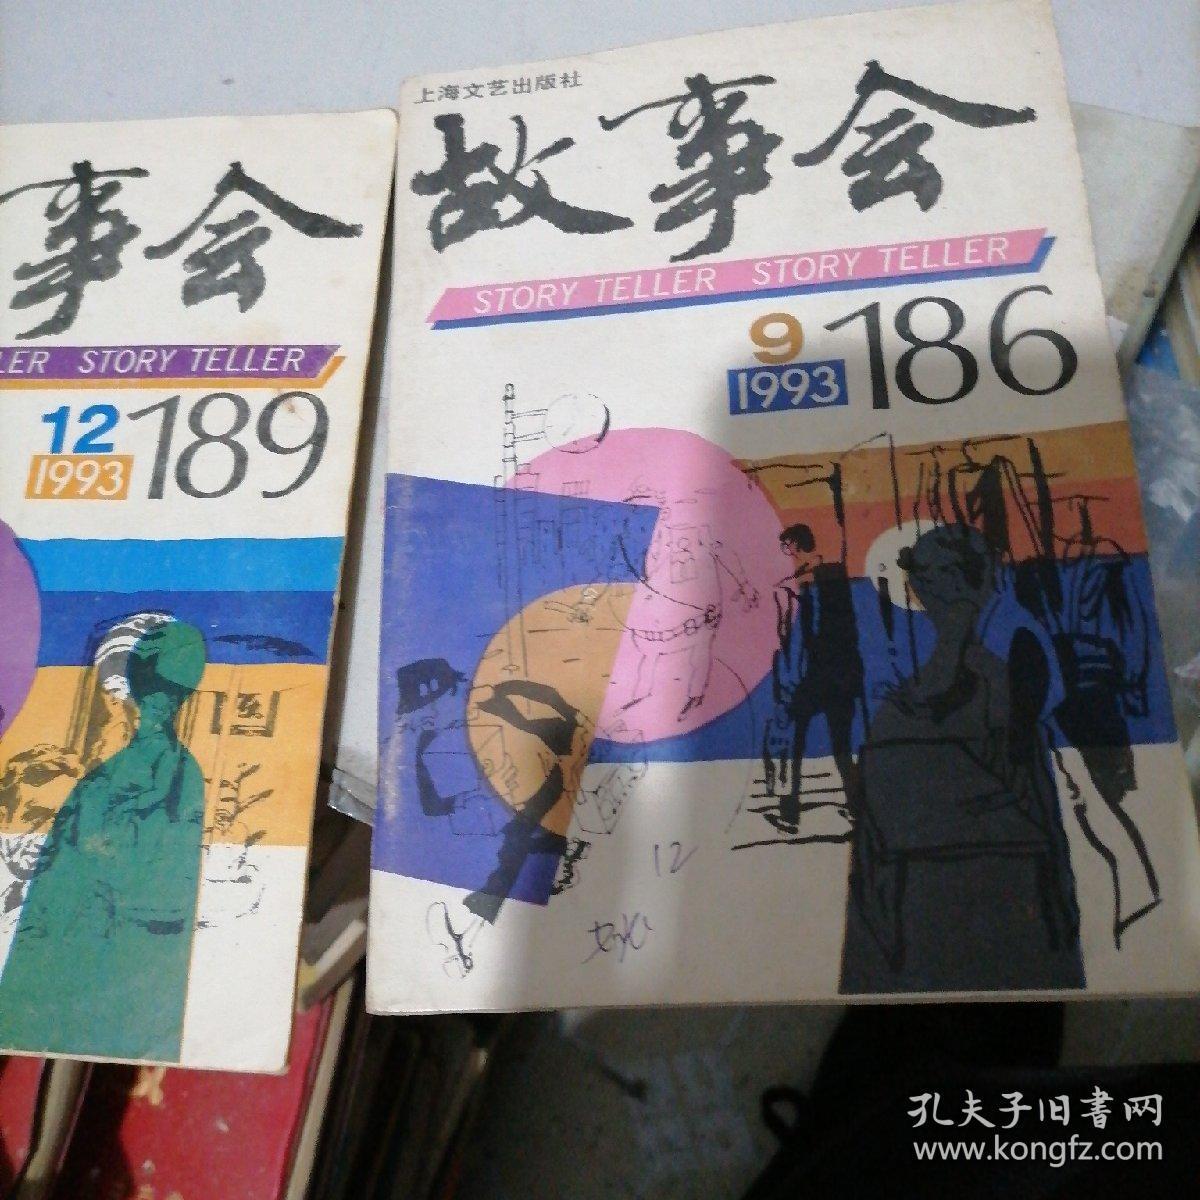 故事会1993一9,12